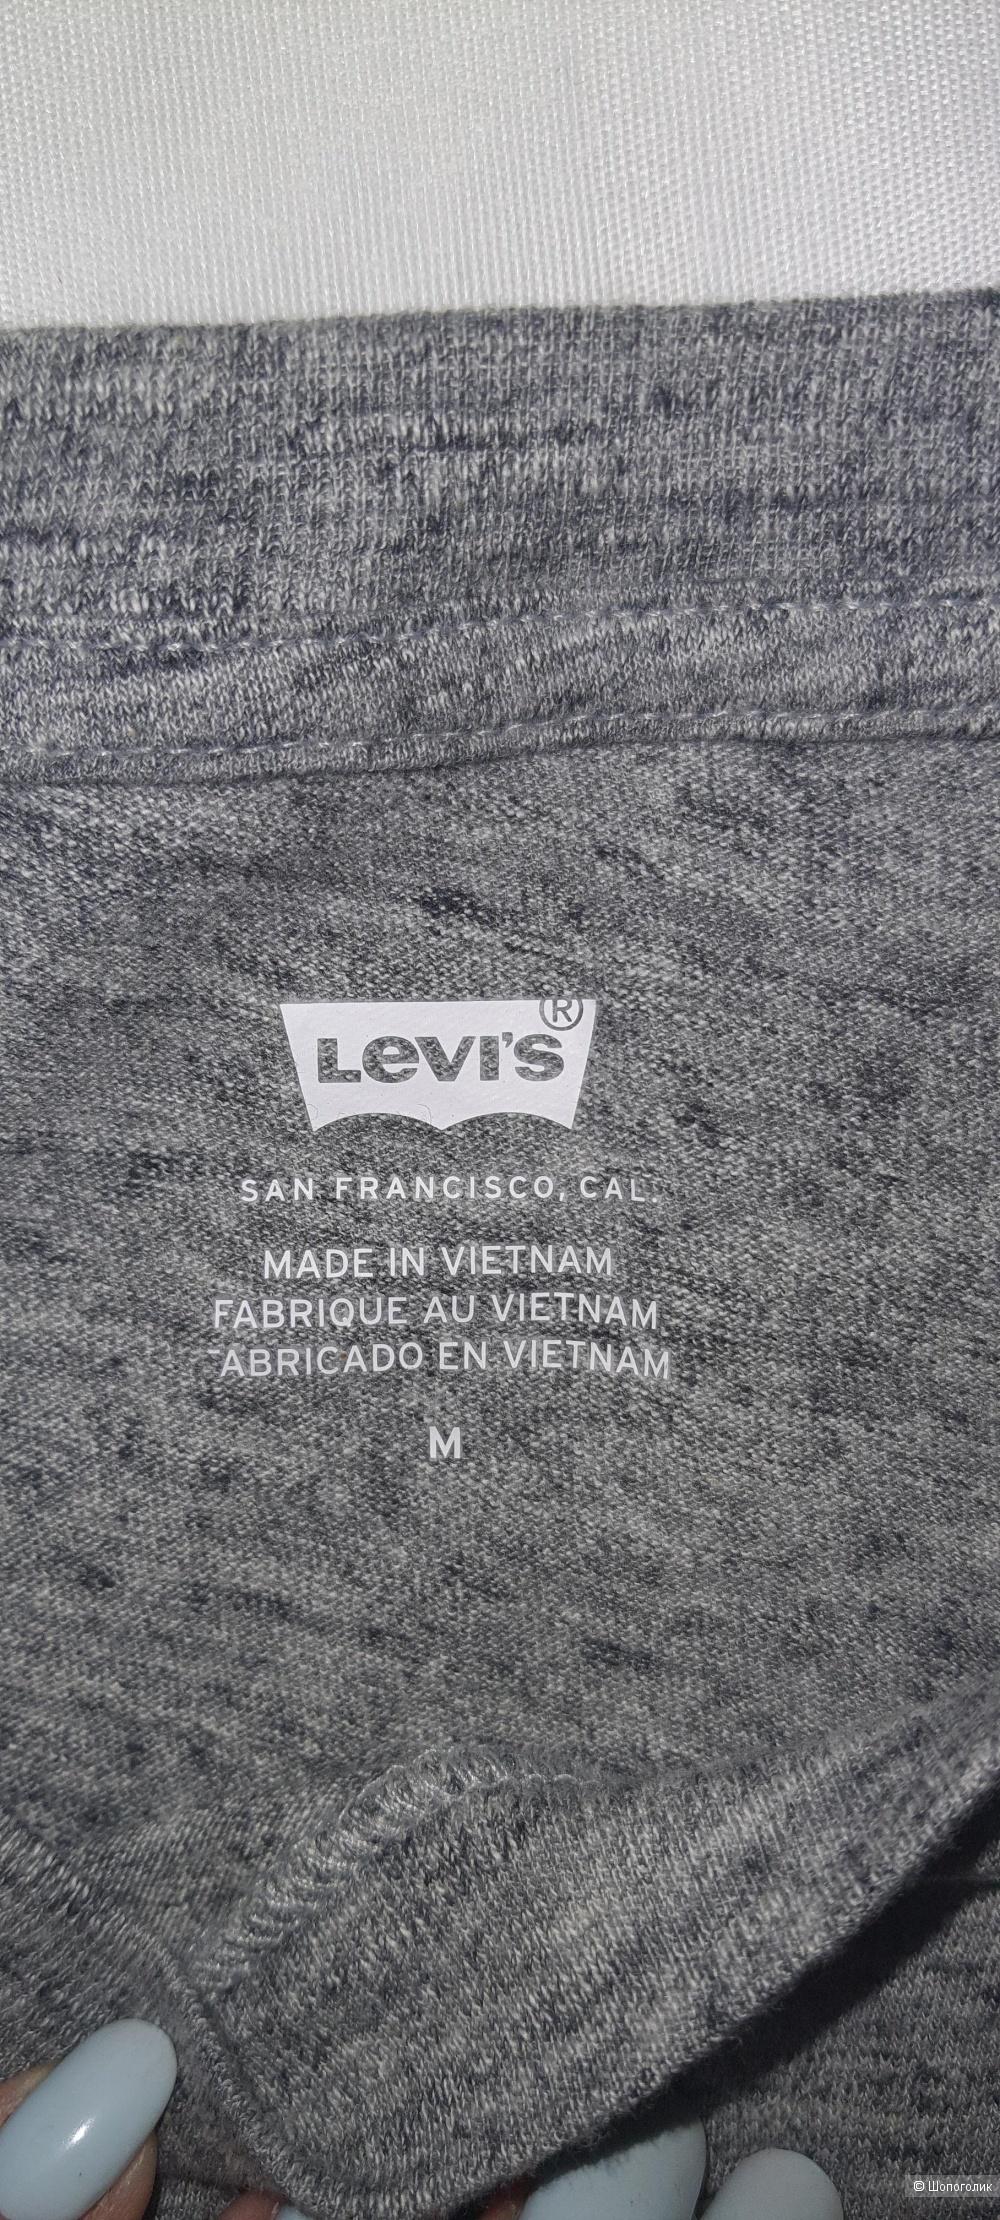 Футболка Levi's размер М